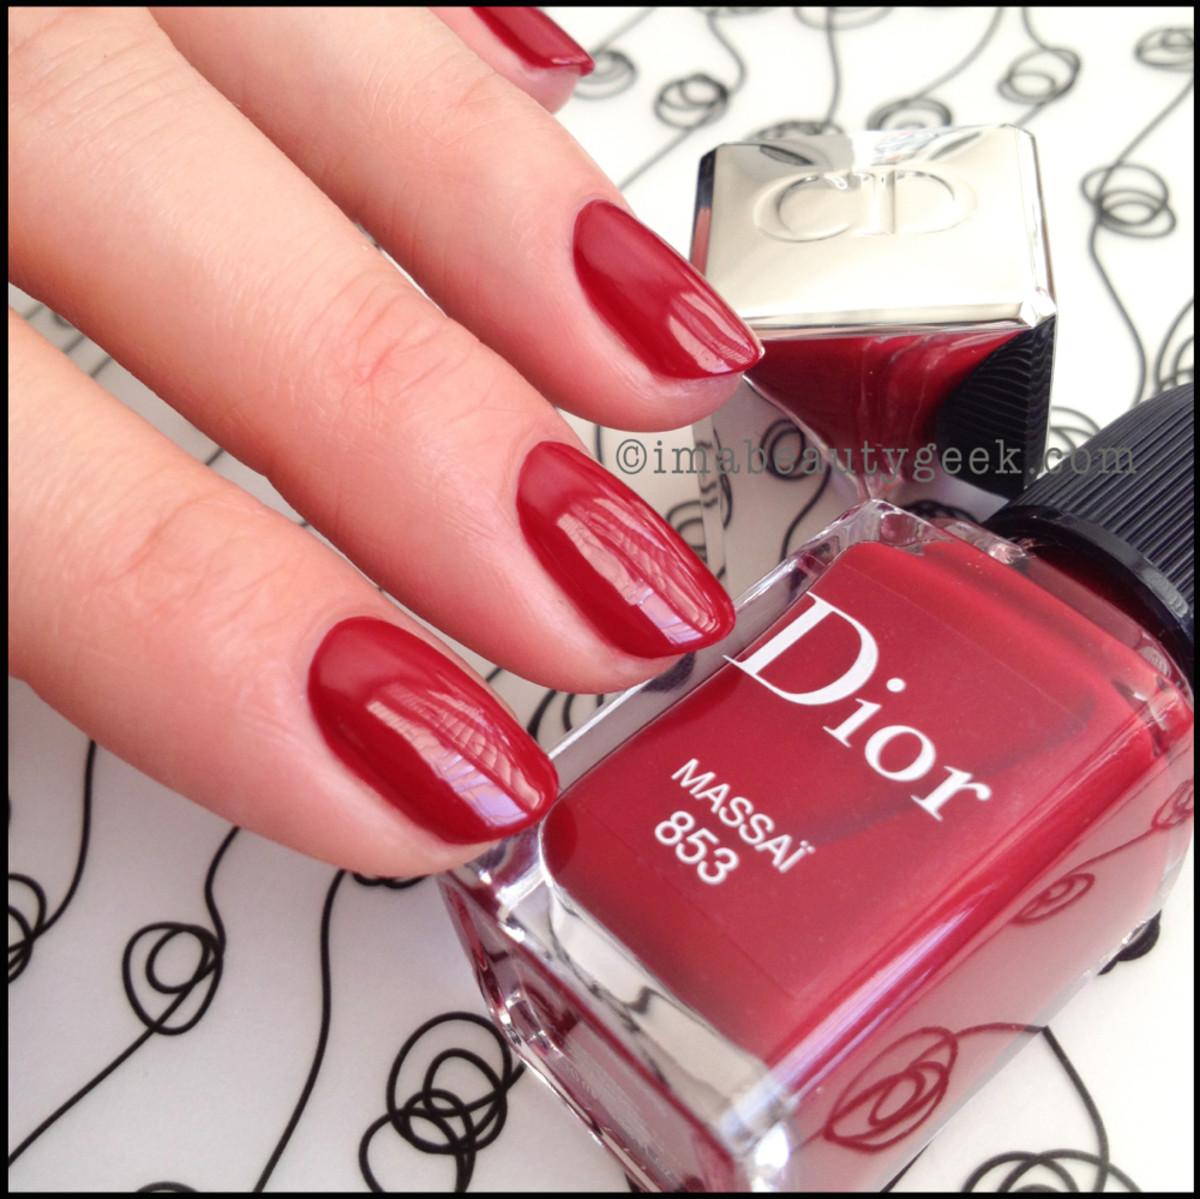 Dior polish Massai 853_Dior Gel Shine